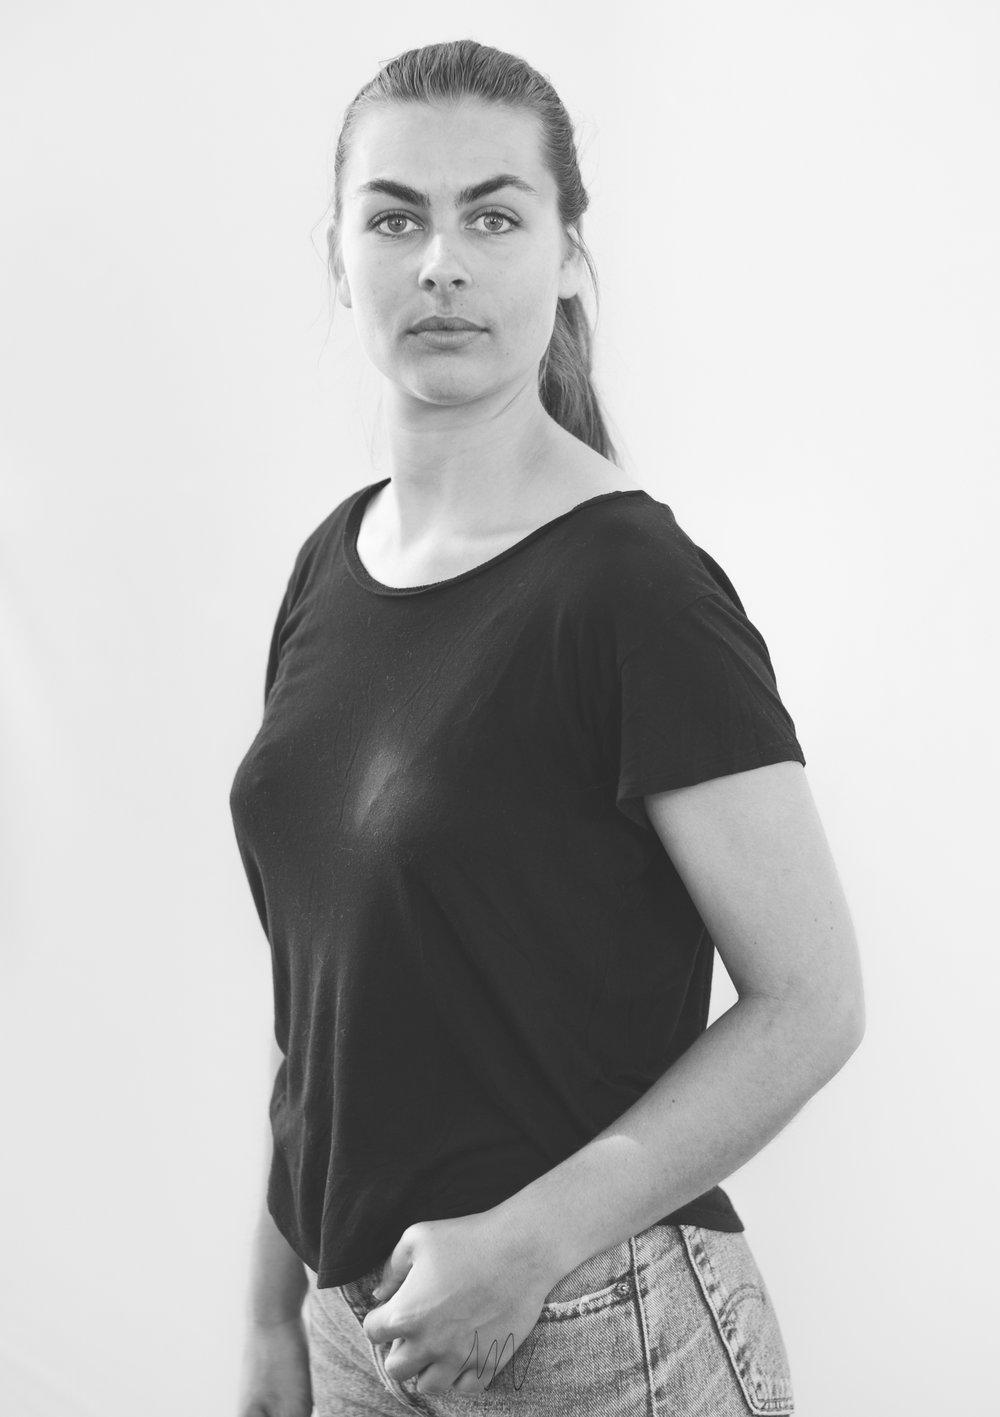 Porträtt-Fotograf-Max-Norin-SV-V-6.jpg